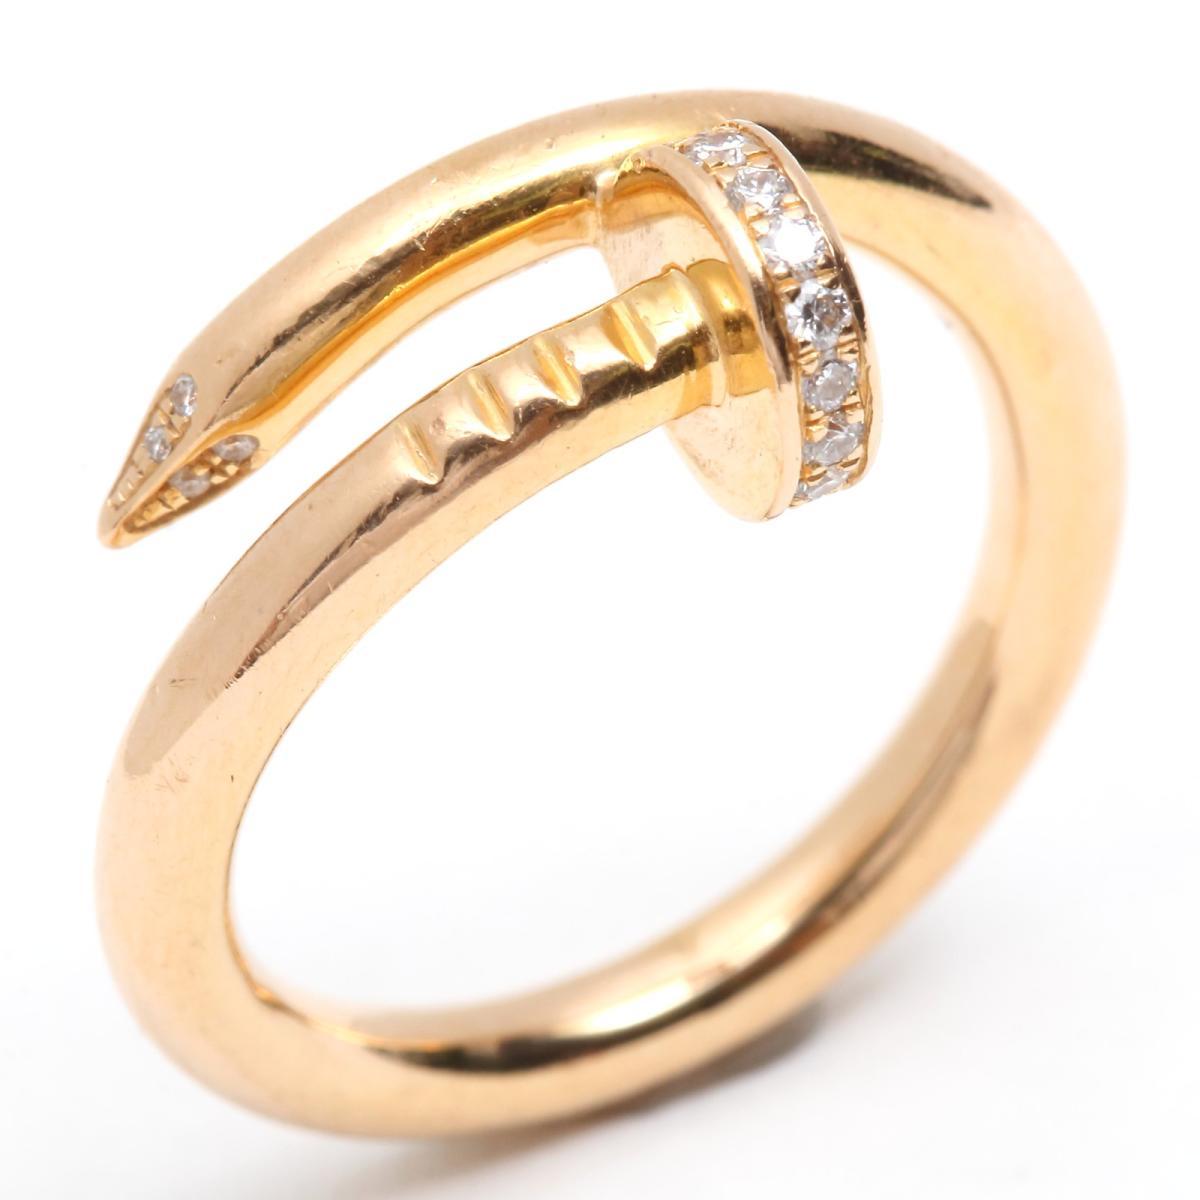 ジュストアンクル ダイヤモンド リング 指輪 #54/10号